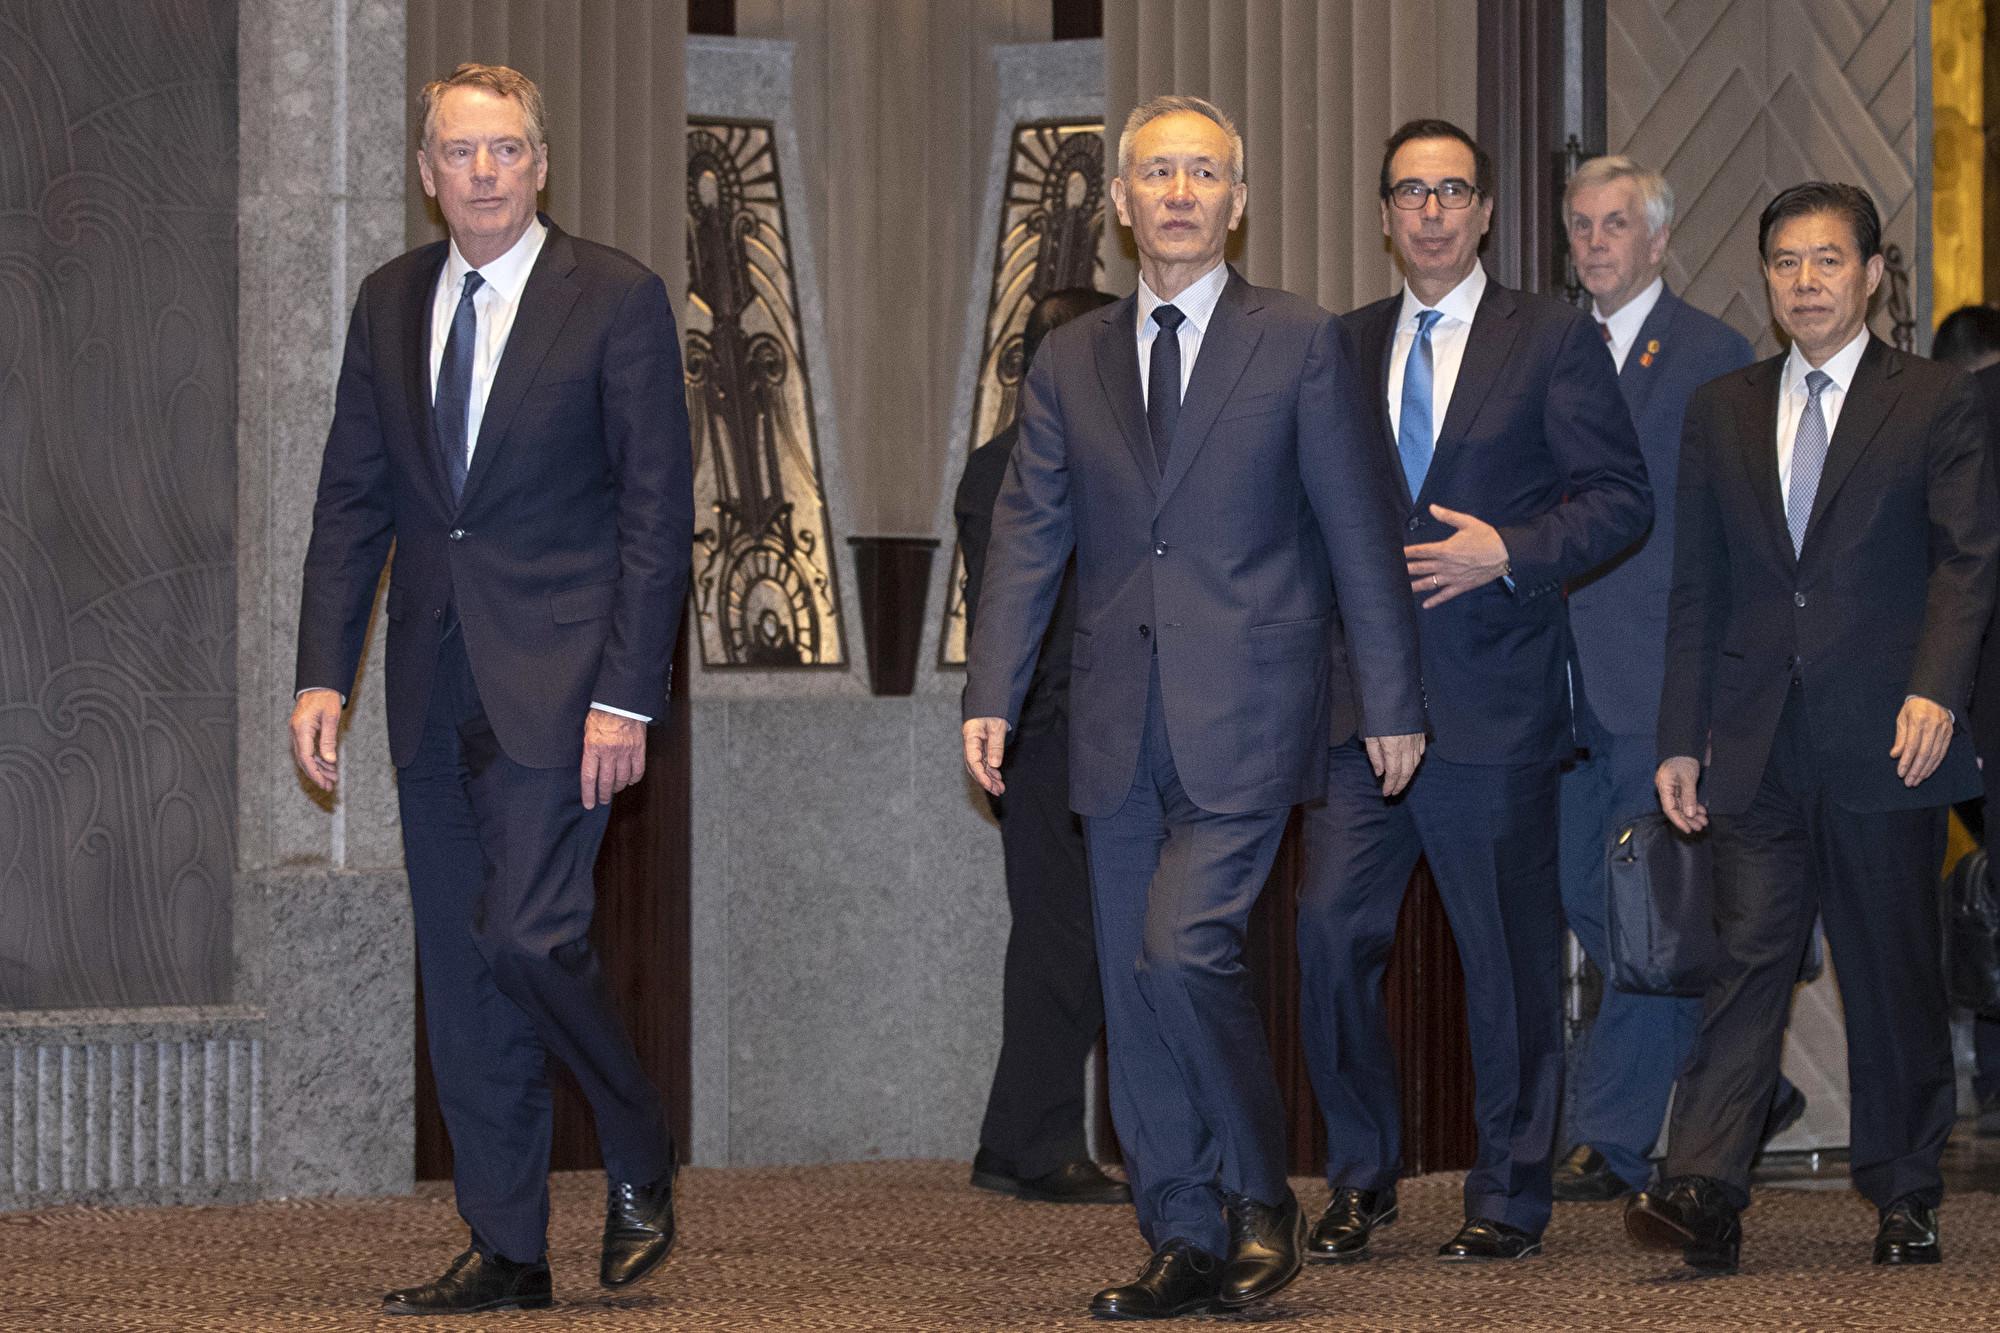 7月31日,美國貿易代表團與中方代表在上海西郊賓館談判。(NG HAN GUAN/AFP/Getty Images)